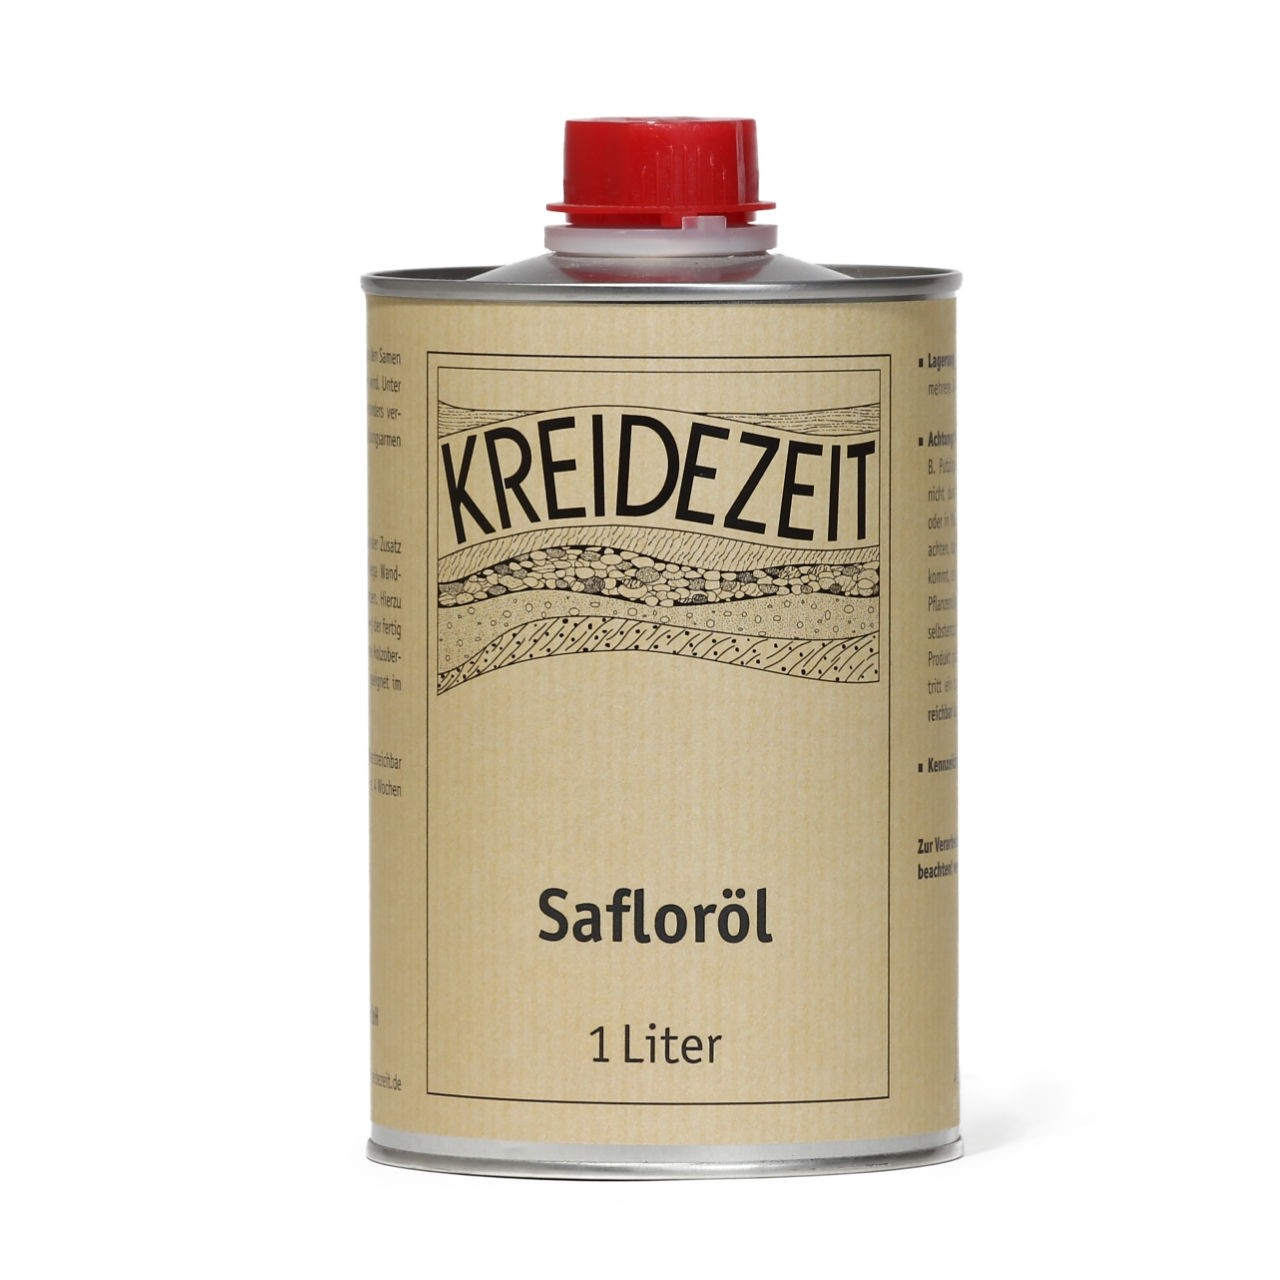 Kreidezeit Safloröl 1 Liter